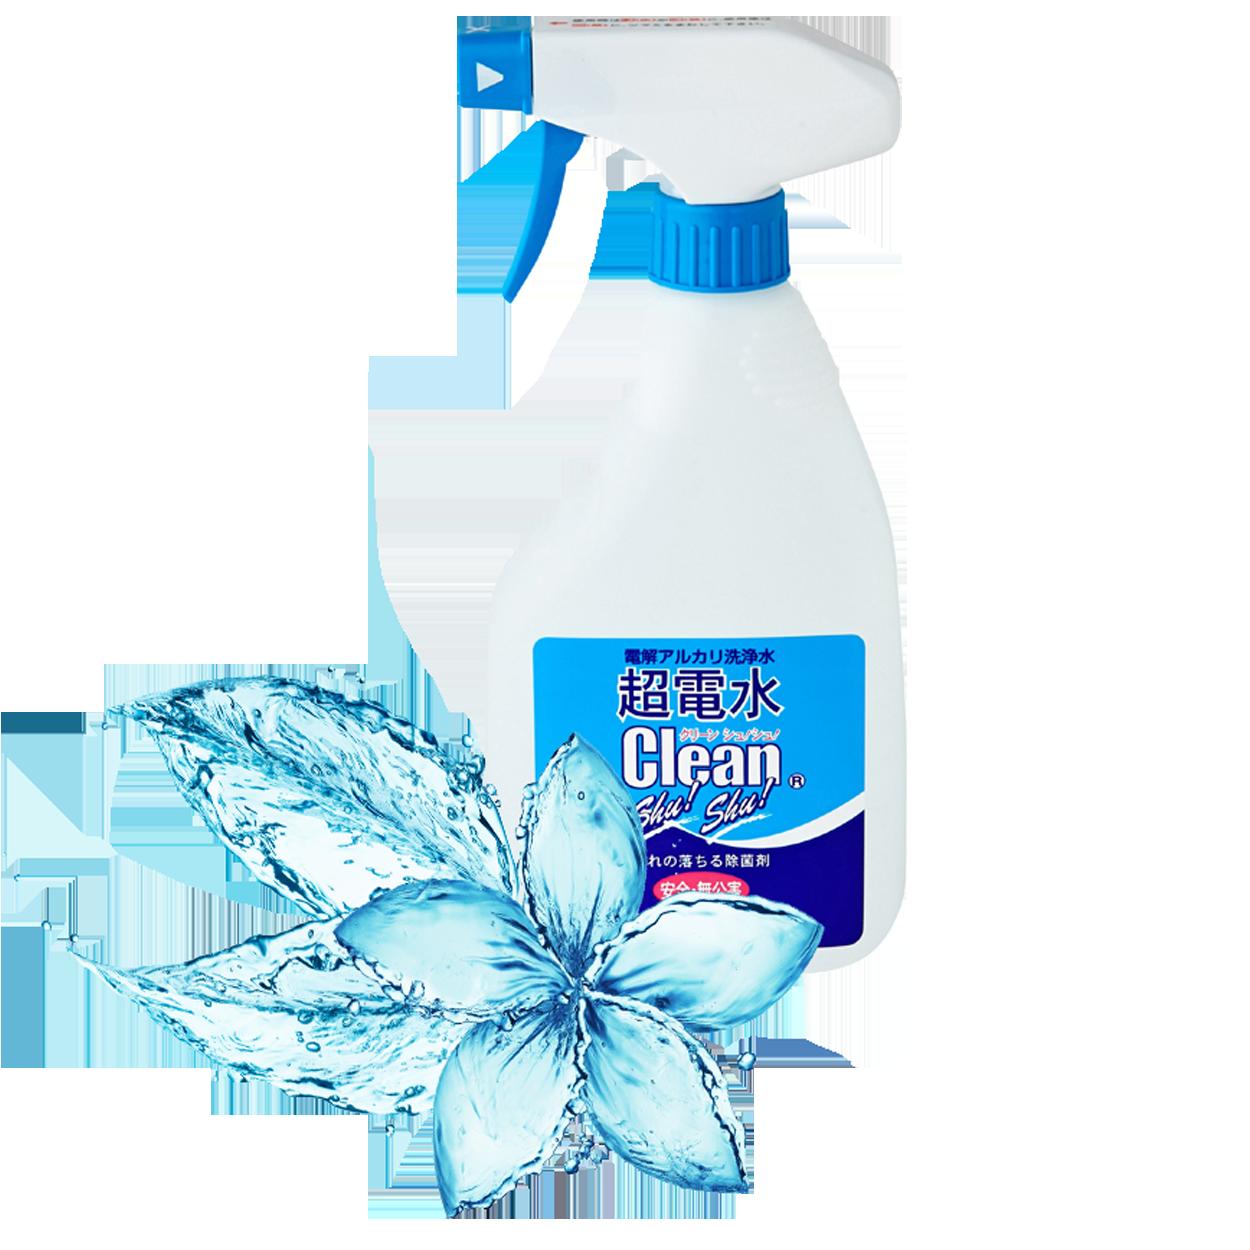 Nước tinh khiết diệt khuẩn Clean Shu Shu_chai 500ml